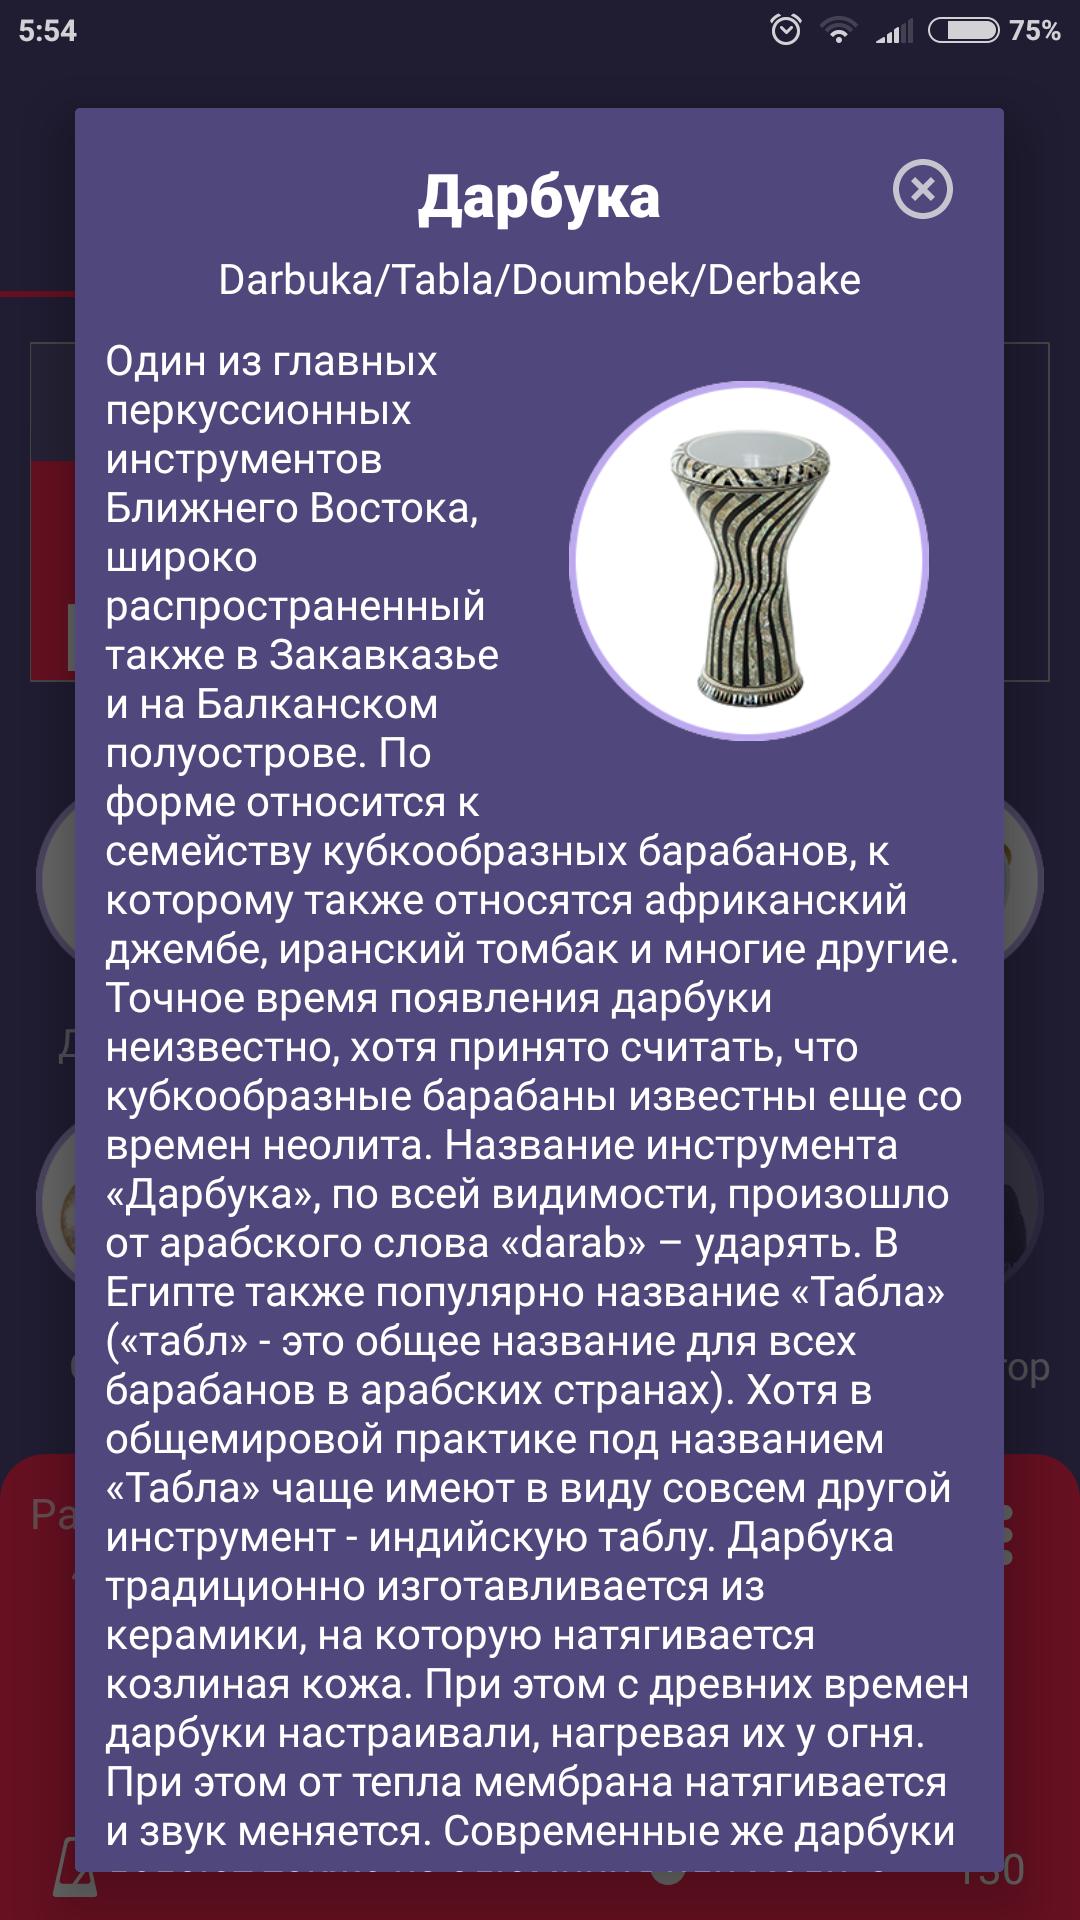 Screenshot_2017-08-10-05-54-20-143_com